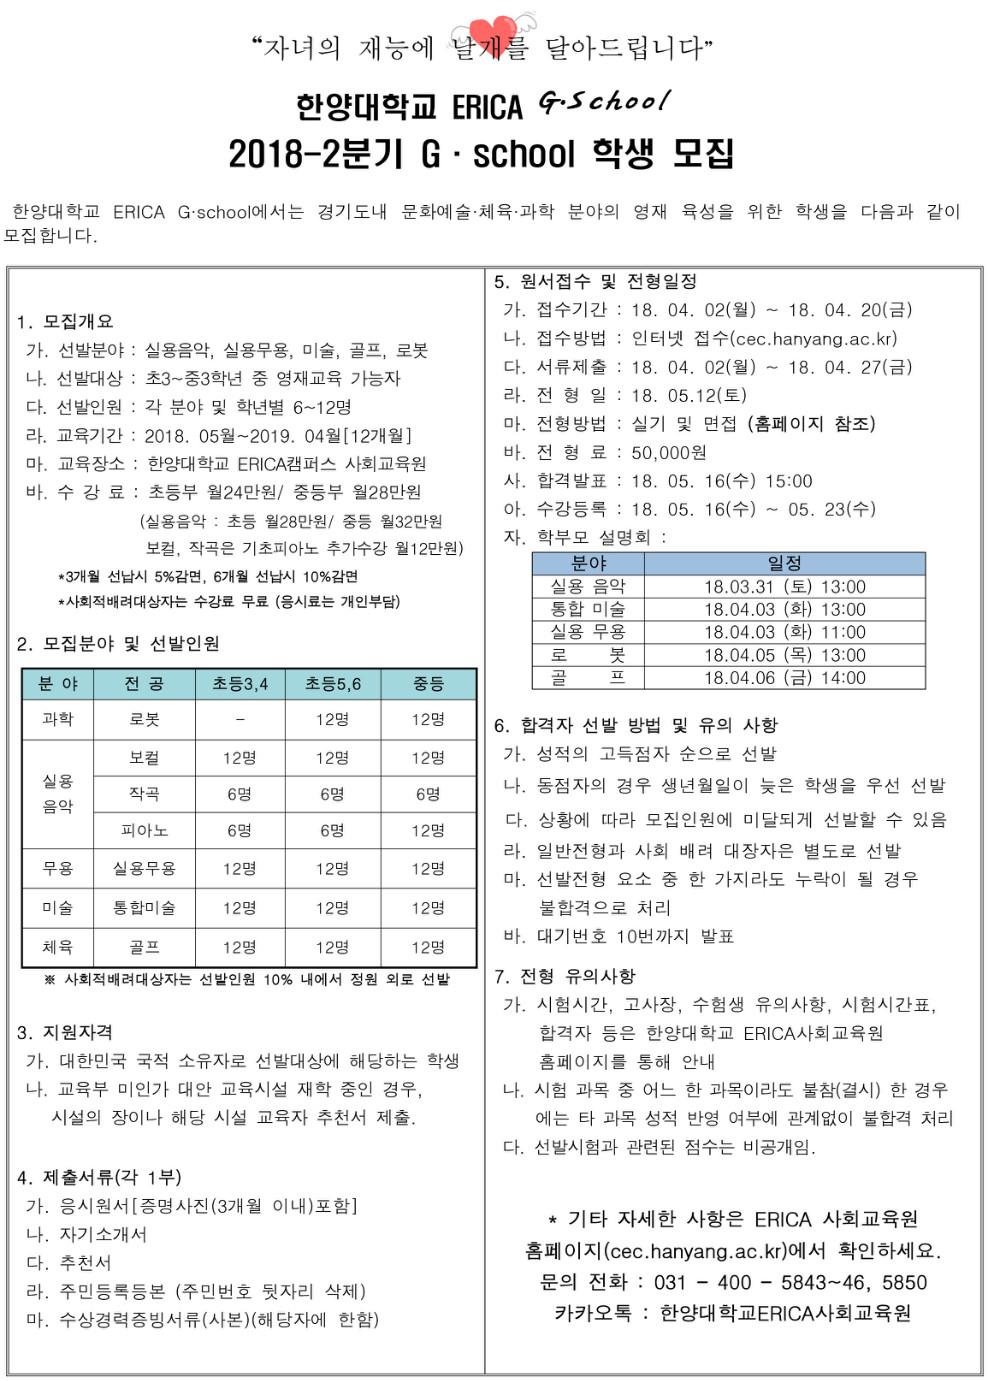 영재아카데미 2018-2분기 요강 요약본 (1장).jpg